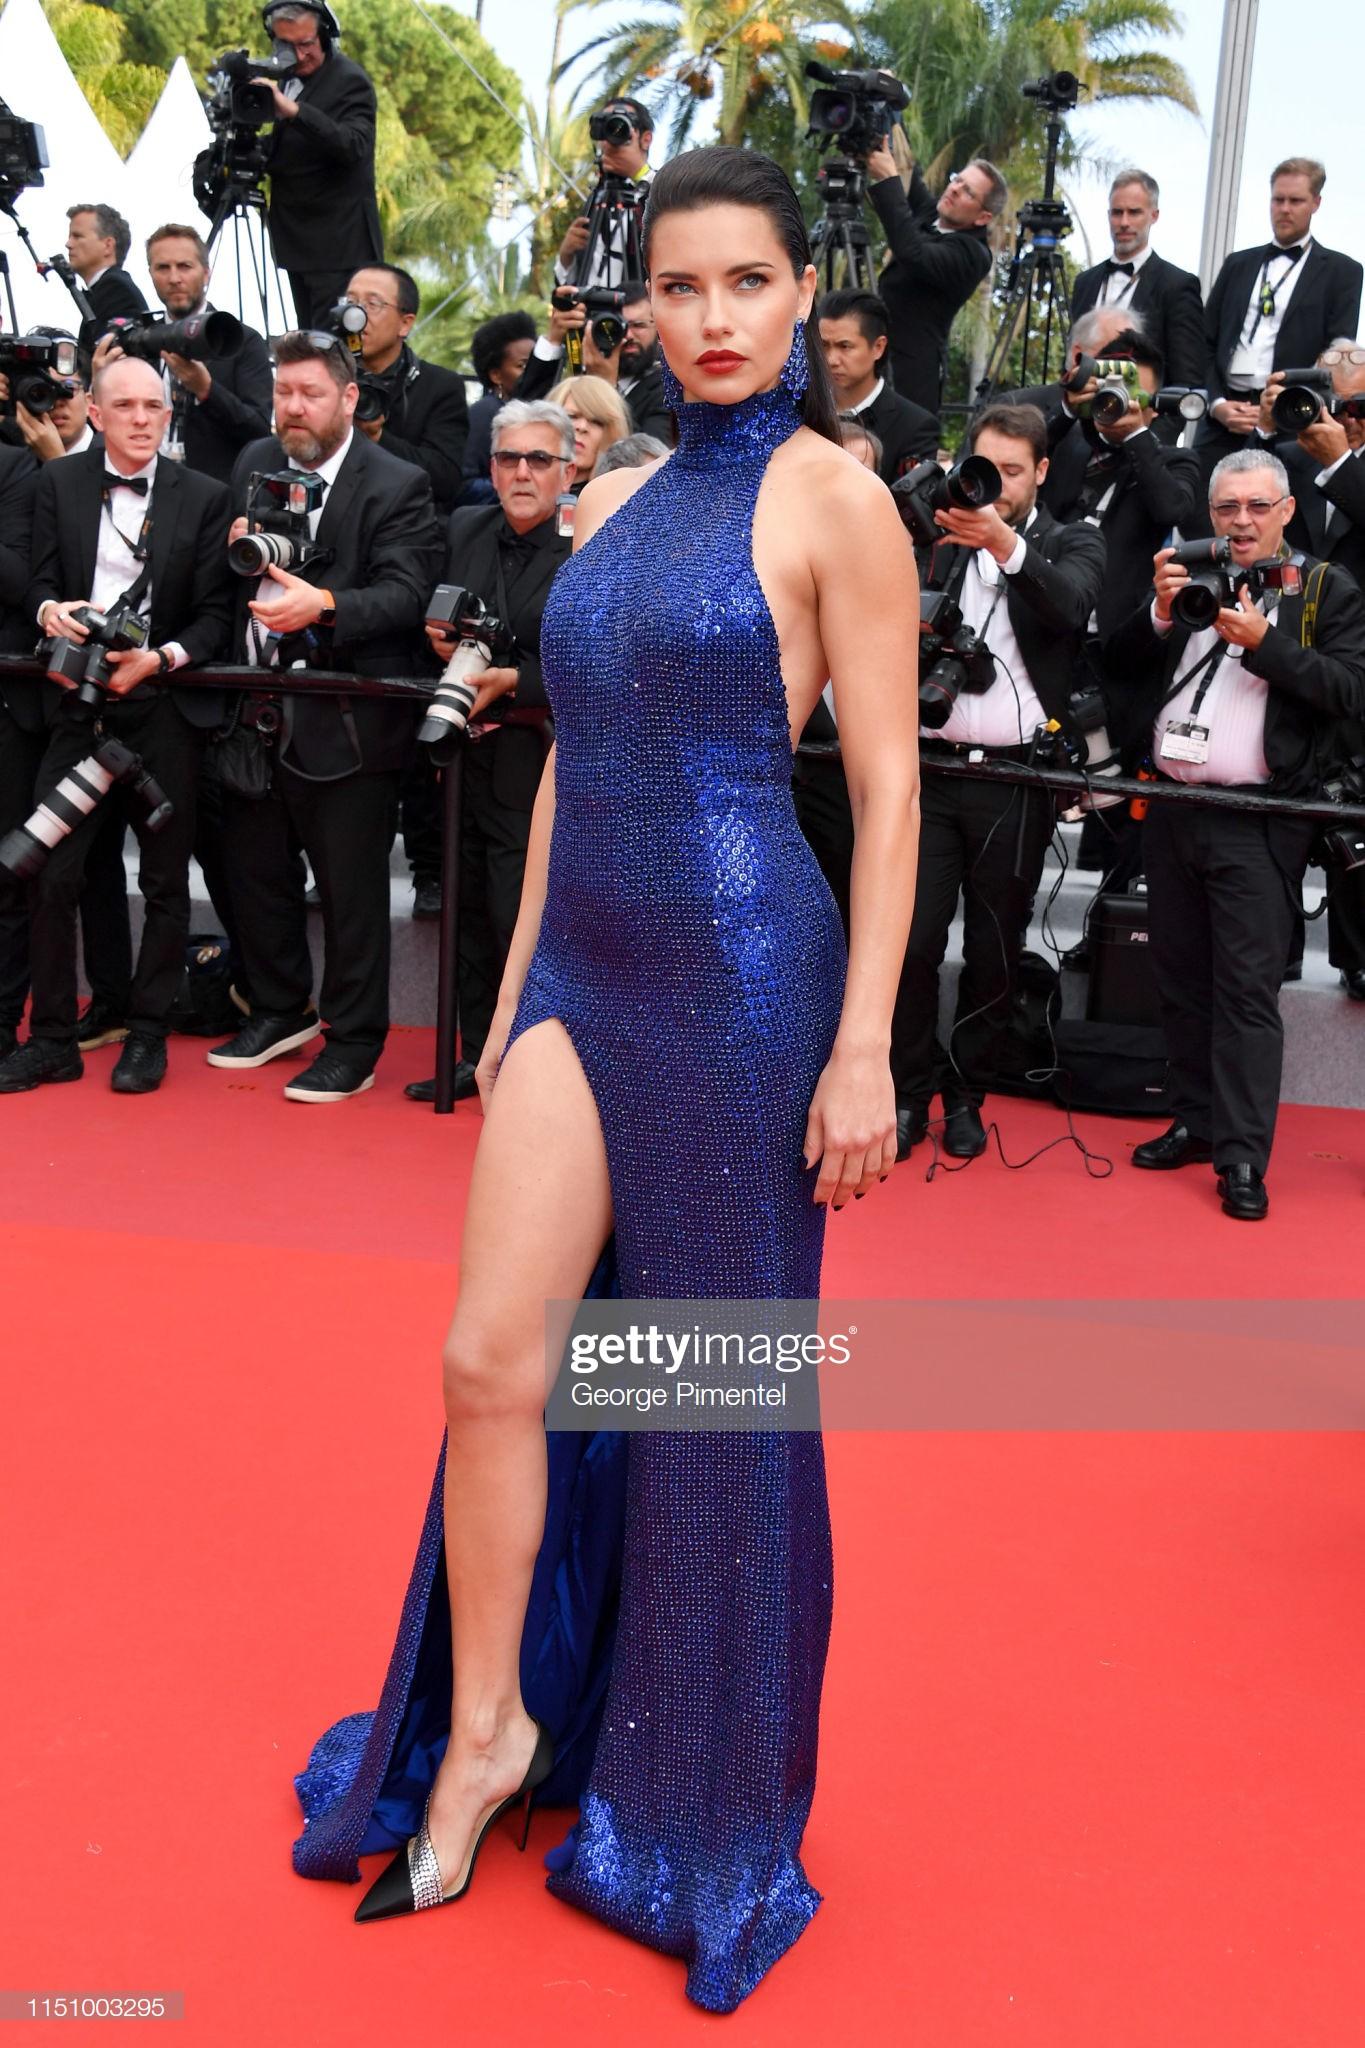 Cannes ngày 8: Mỹ nhân Ý khoe vòng 1 nhức mắt, dàn người mẫu Hollywood tung chiêu hết cỡ tại thảm đỏ - Ảnh 5.